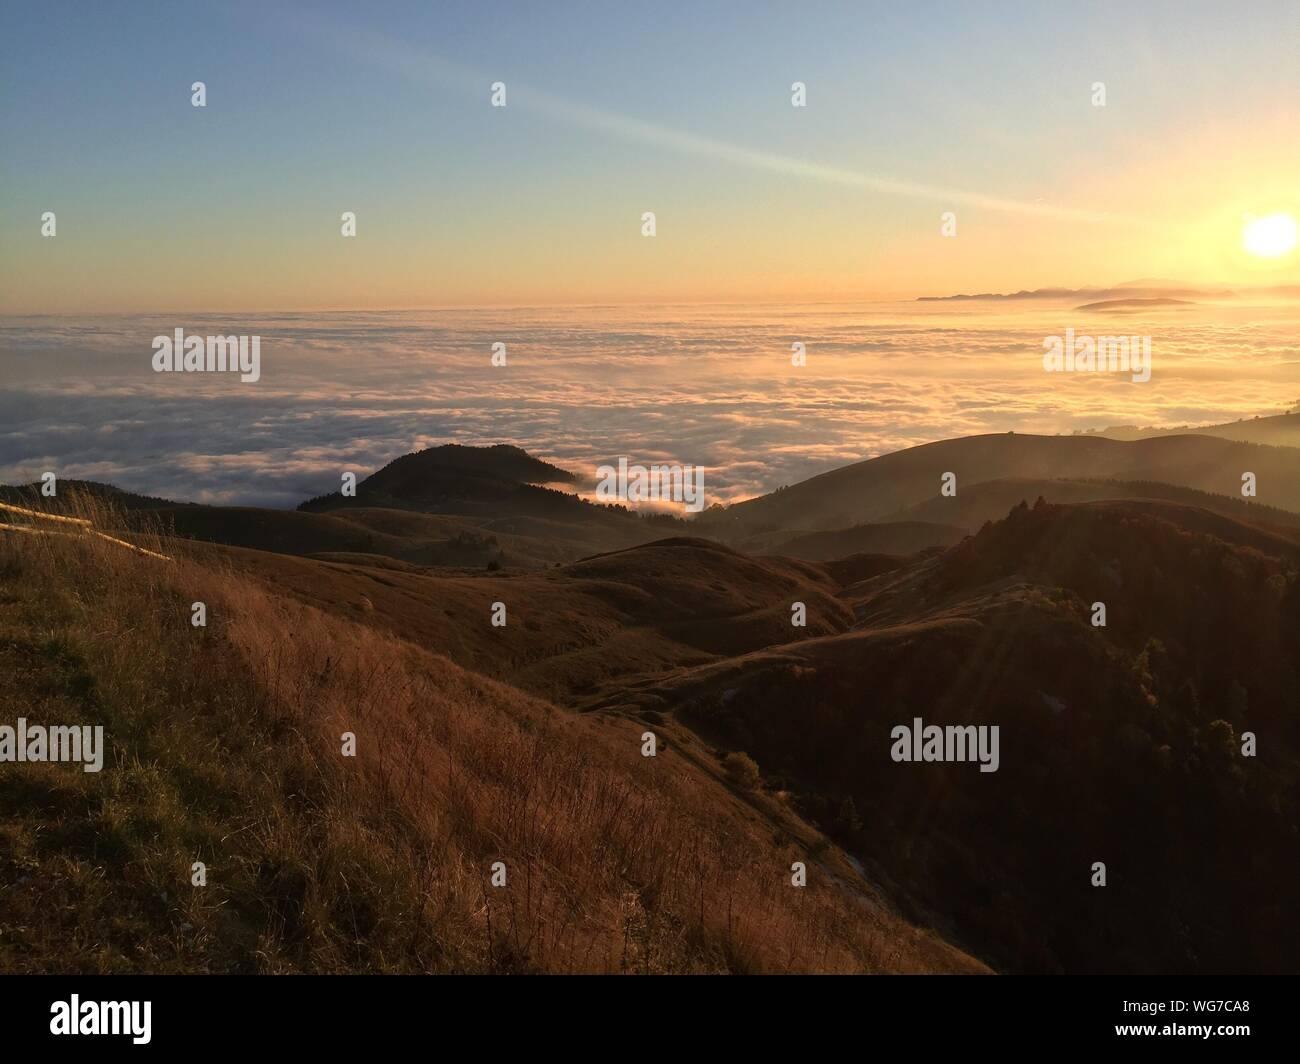 Vista panorámica del paisaje contra el cielo durante la puesta de sol Foto de stock